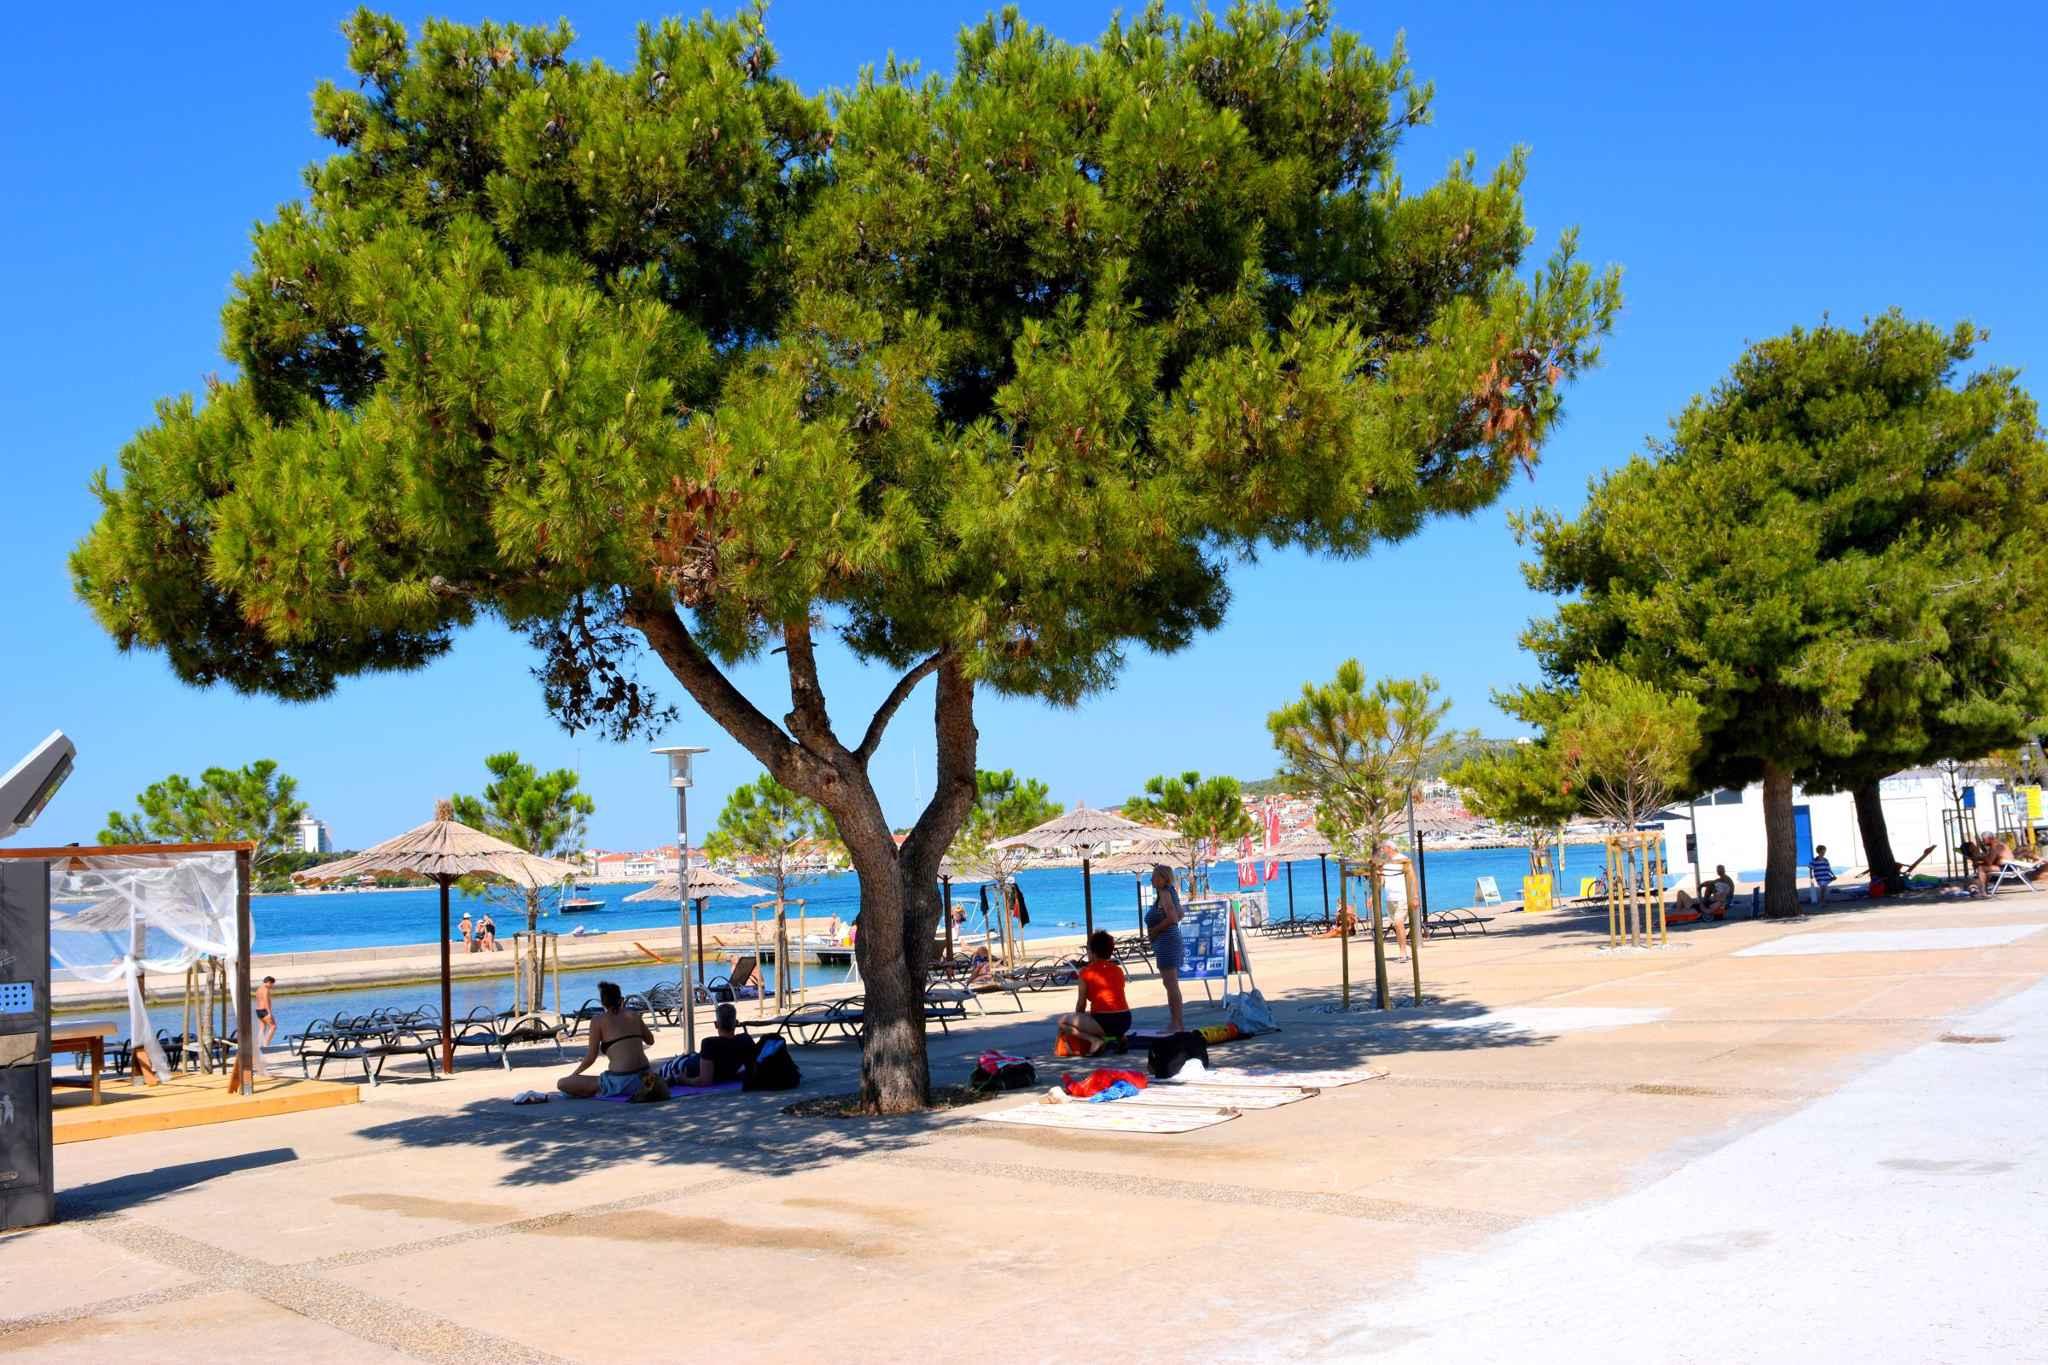 Ferienwohnung mit Balkon und nur 200 m bis zum Strand (278777), Vodice, , Dalmatien, Kroatien, Bild 10